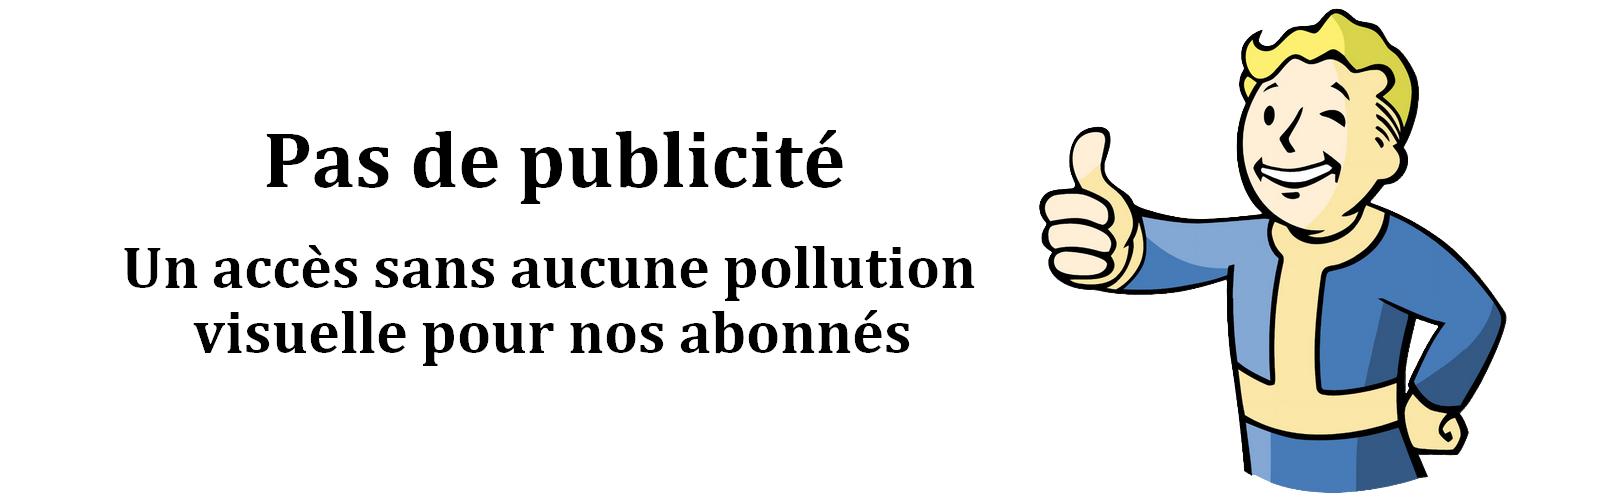 texte-pas-de-pub-1600x500